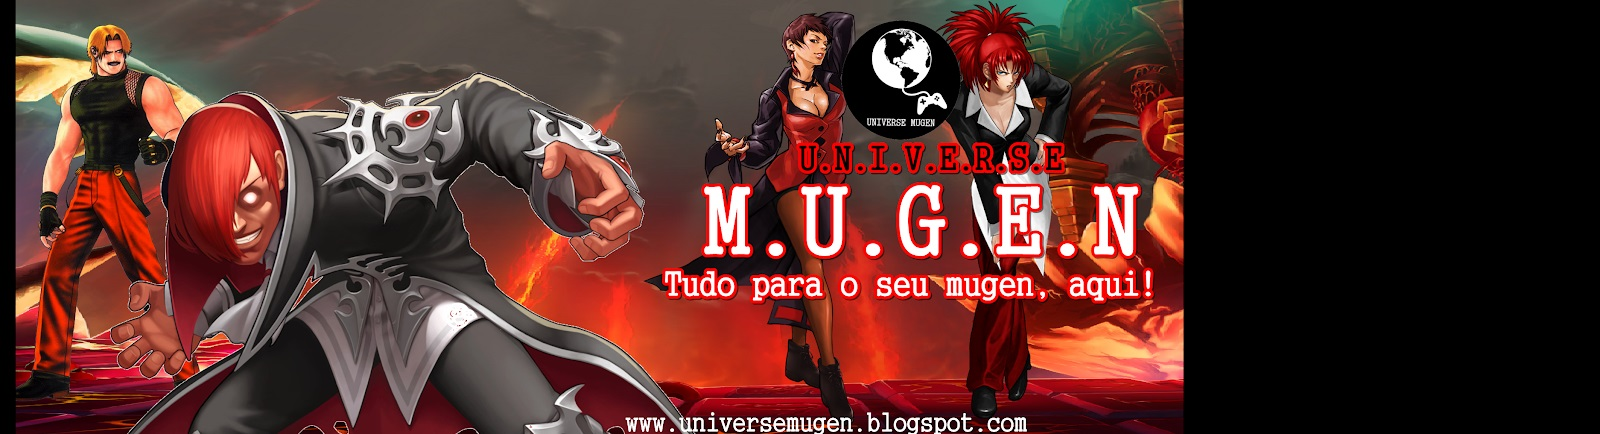 UNIVERSE M.U.G.E.N